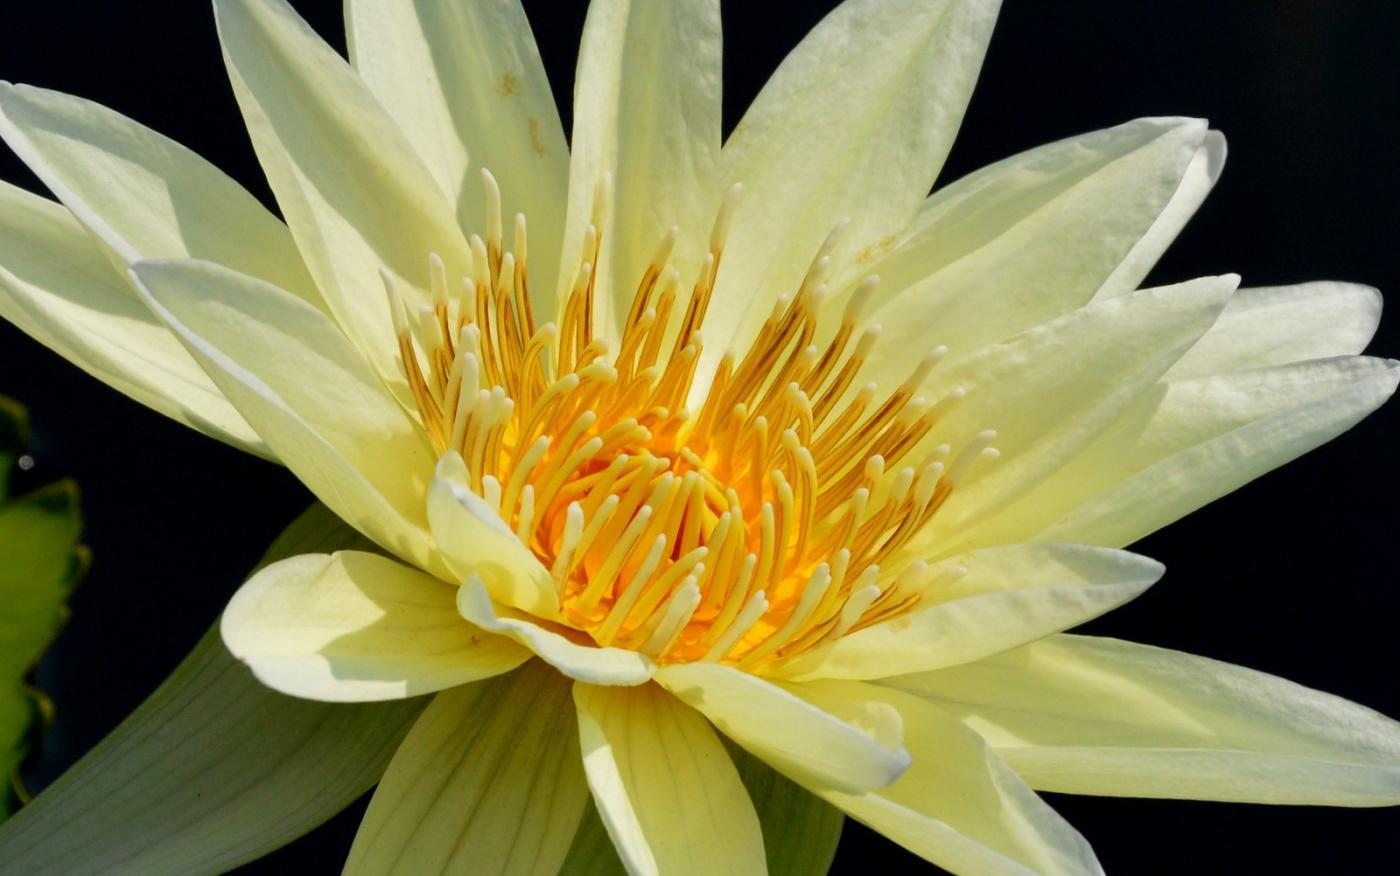 美丽的花蕊 (1)_图1-25